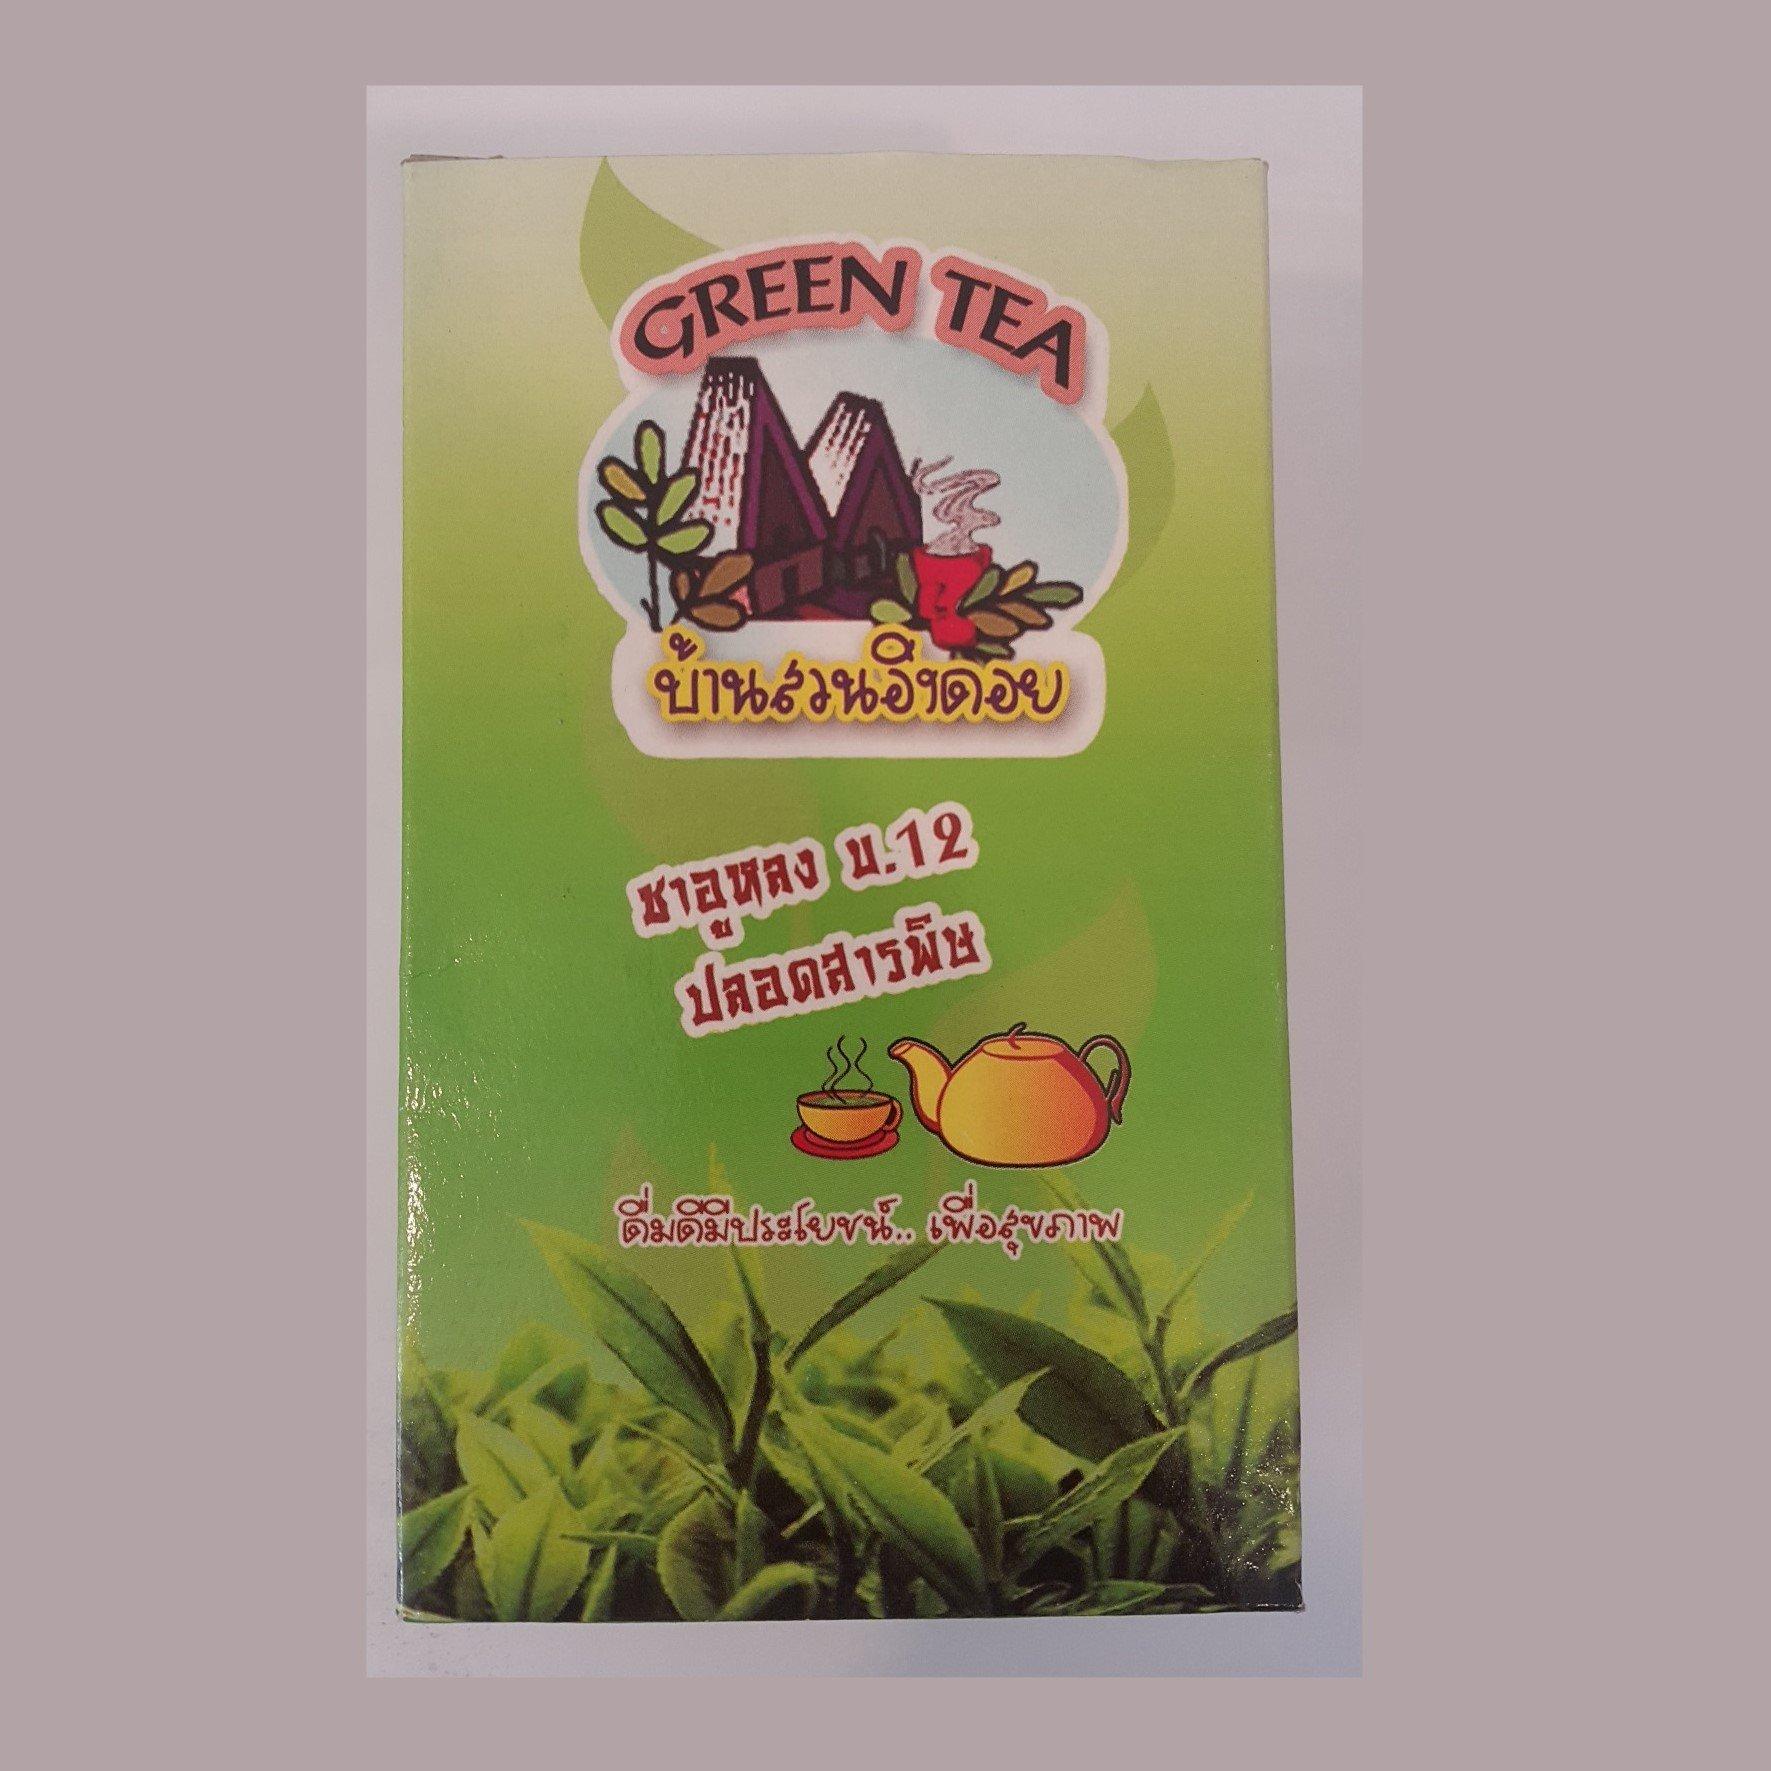 ชาเขียวอูหลงเบอร์ 12 (ใบเตยขนาดเล็ก จำนวน 2 กล่อง)